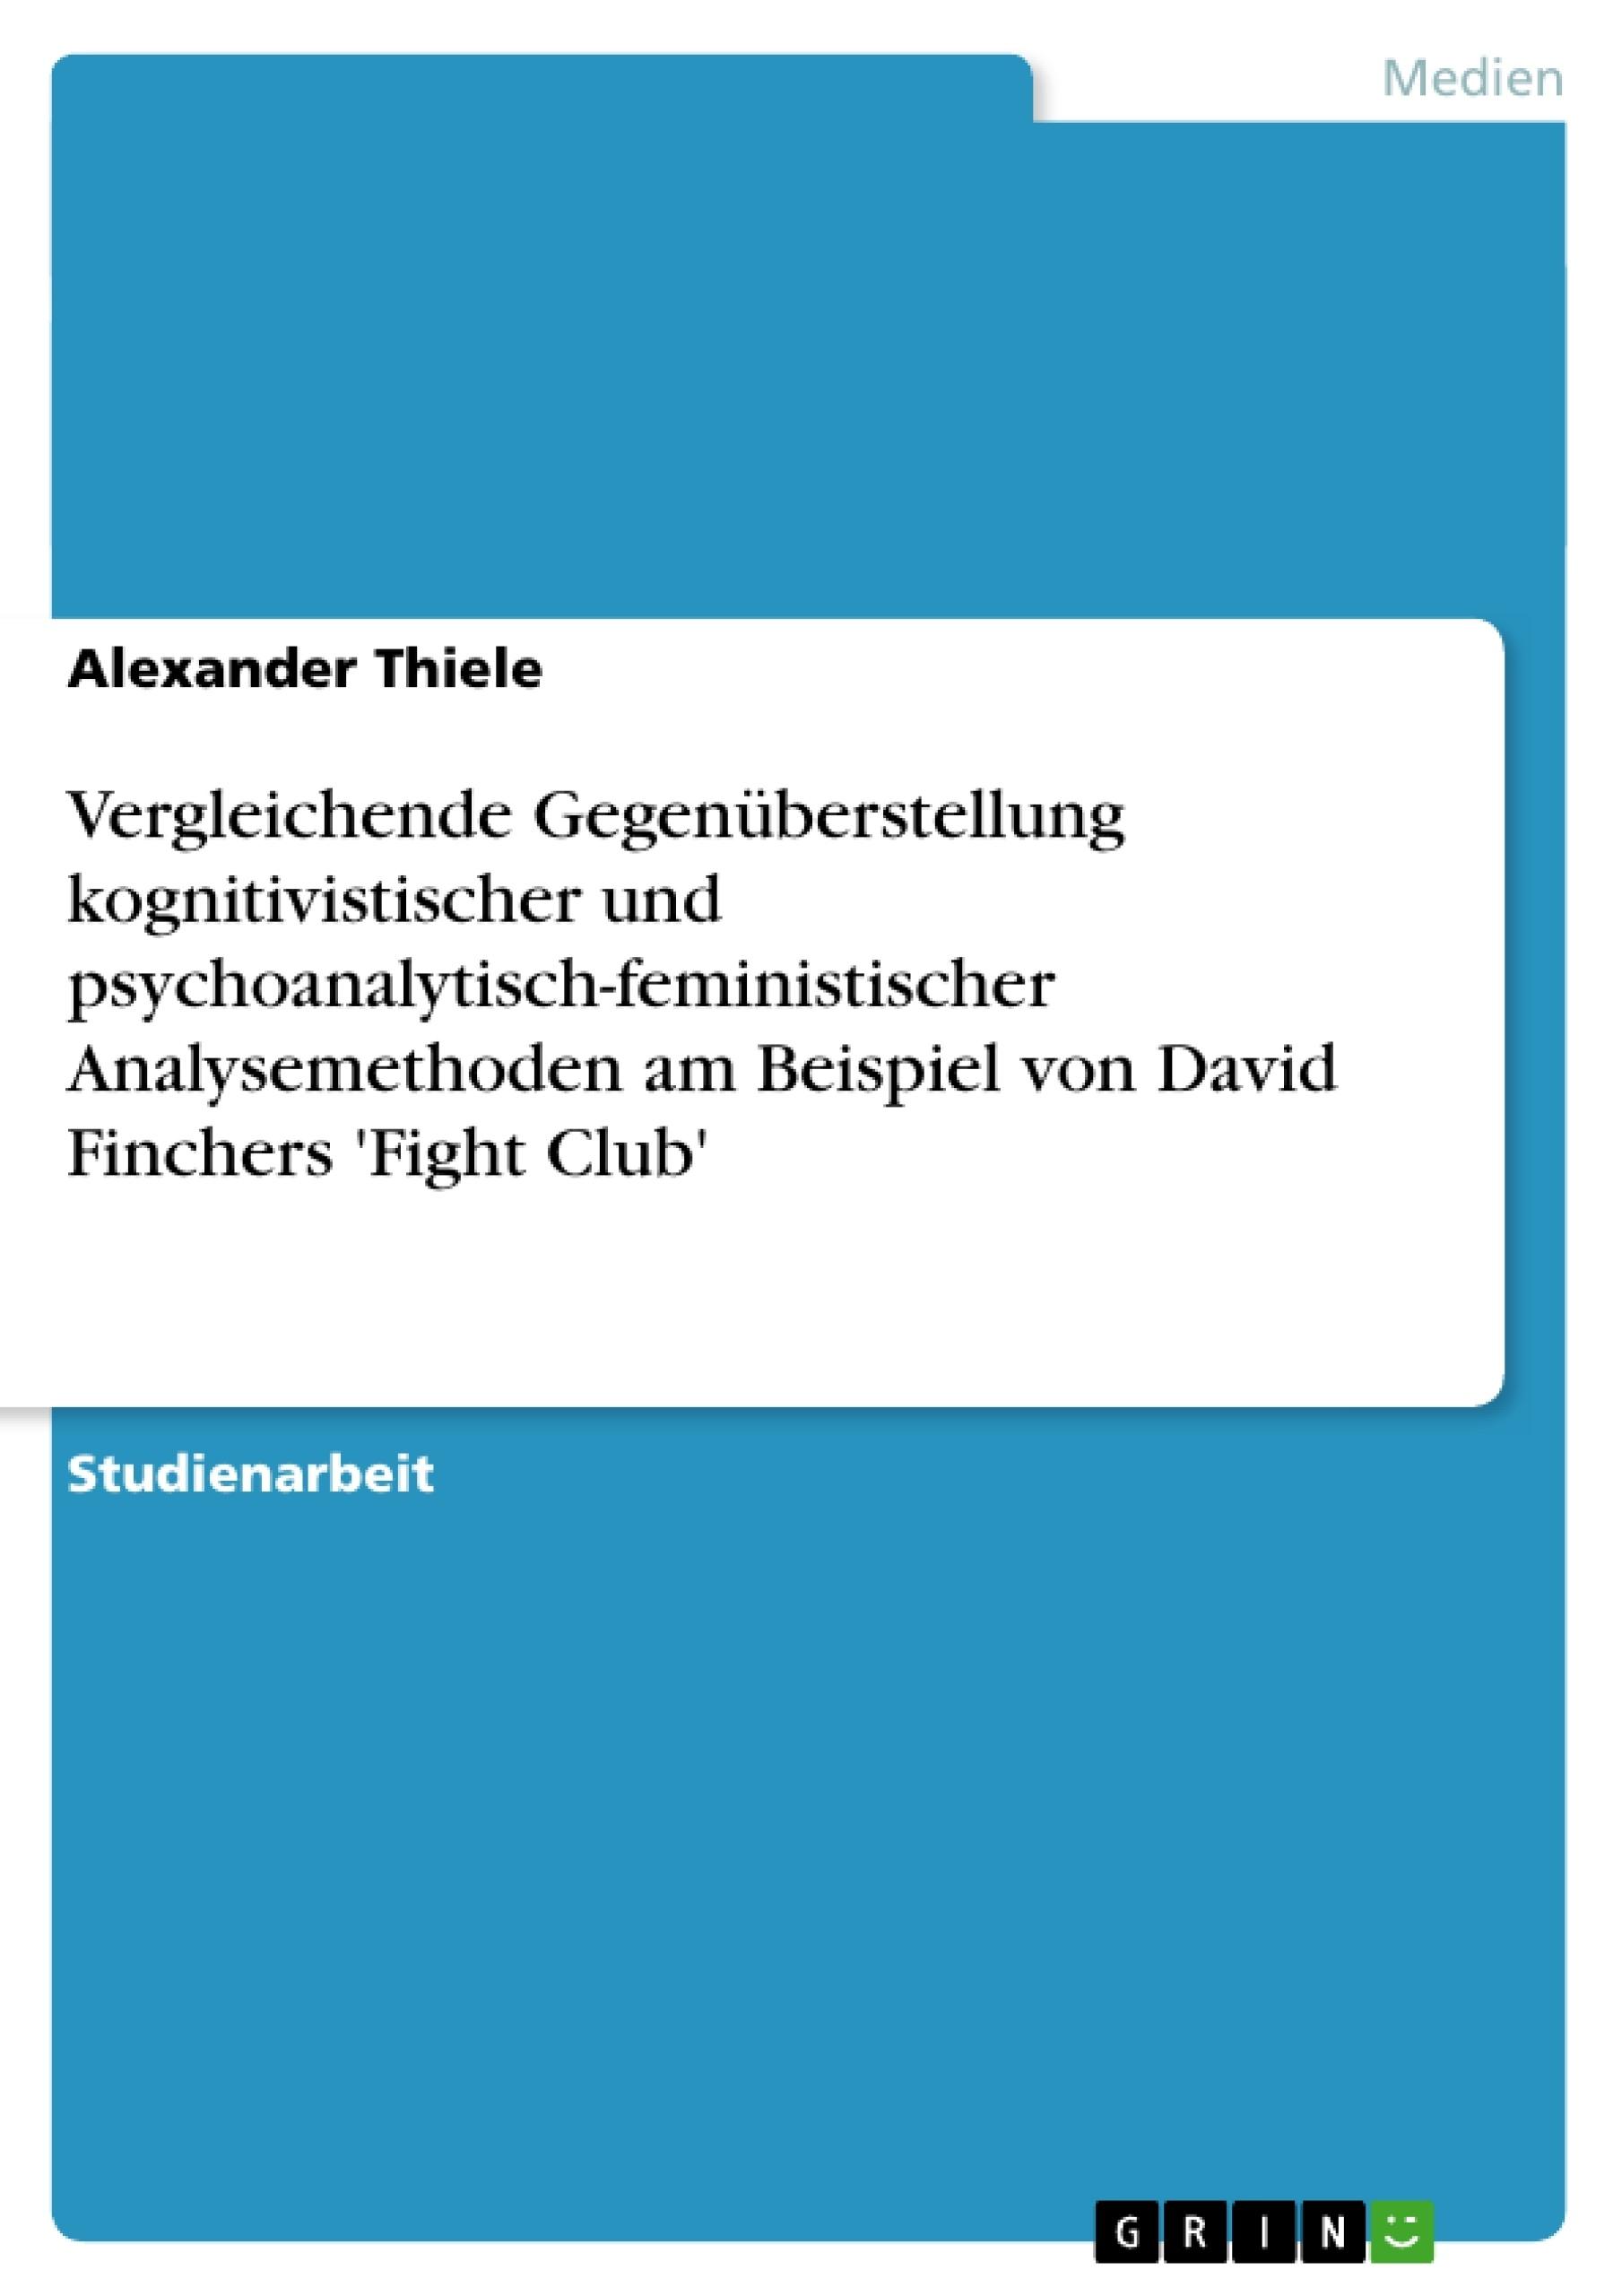 Titel: Vergleichende Gegenüberstellung kognitivistischer und psychoanalytisch-feministischer Analysemethoden am Beispiel von David Finchers 'Fight Club'